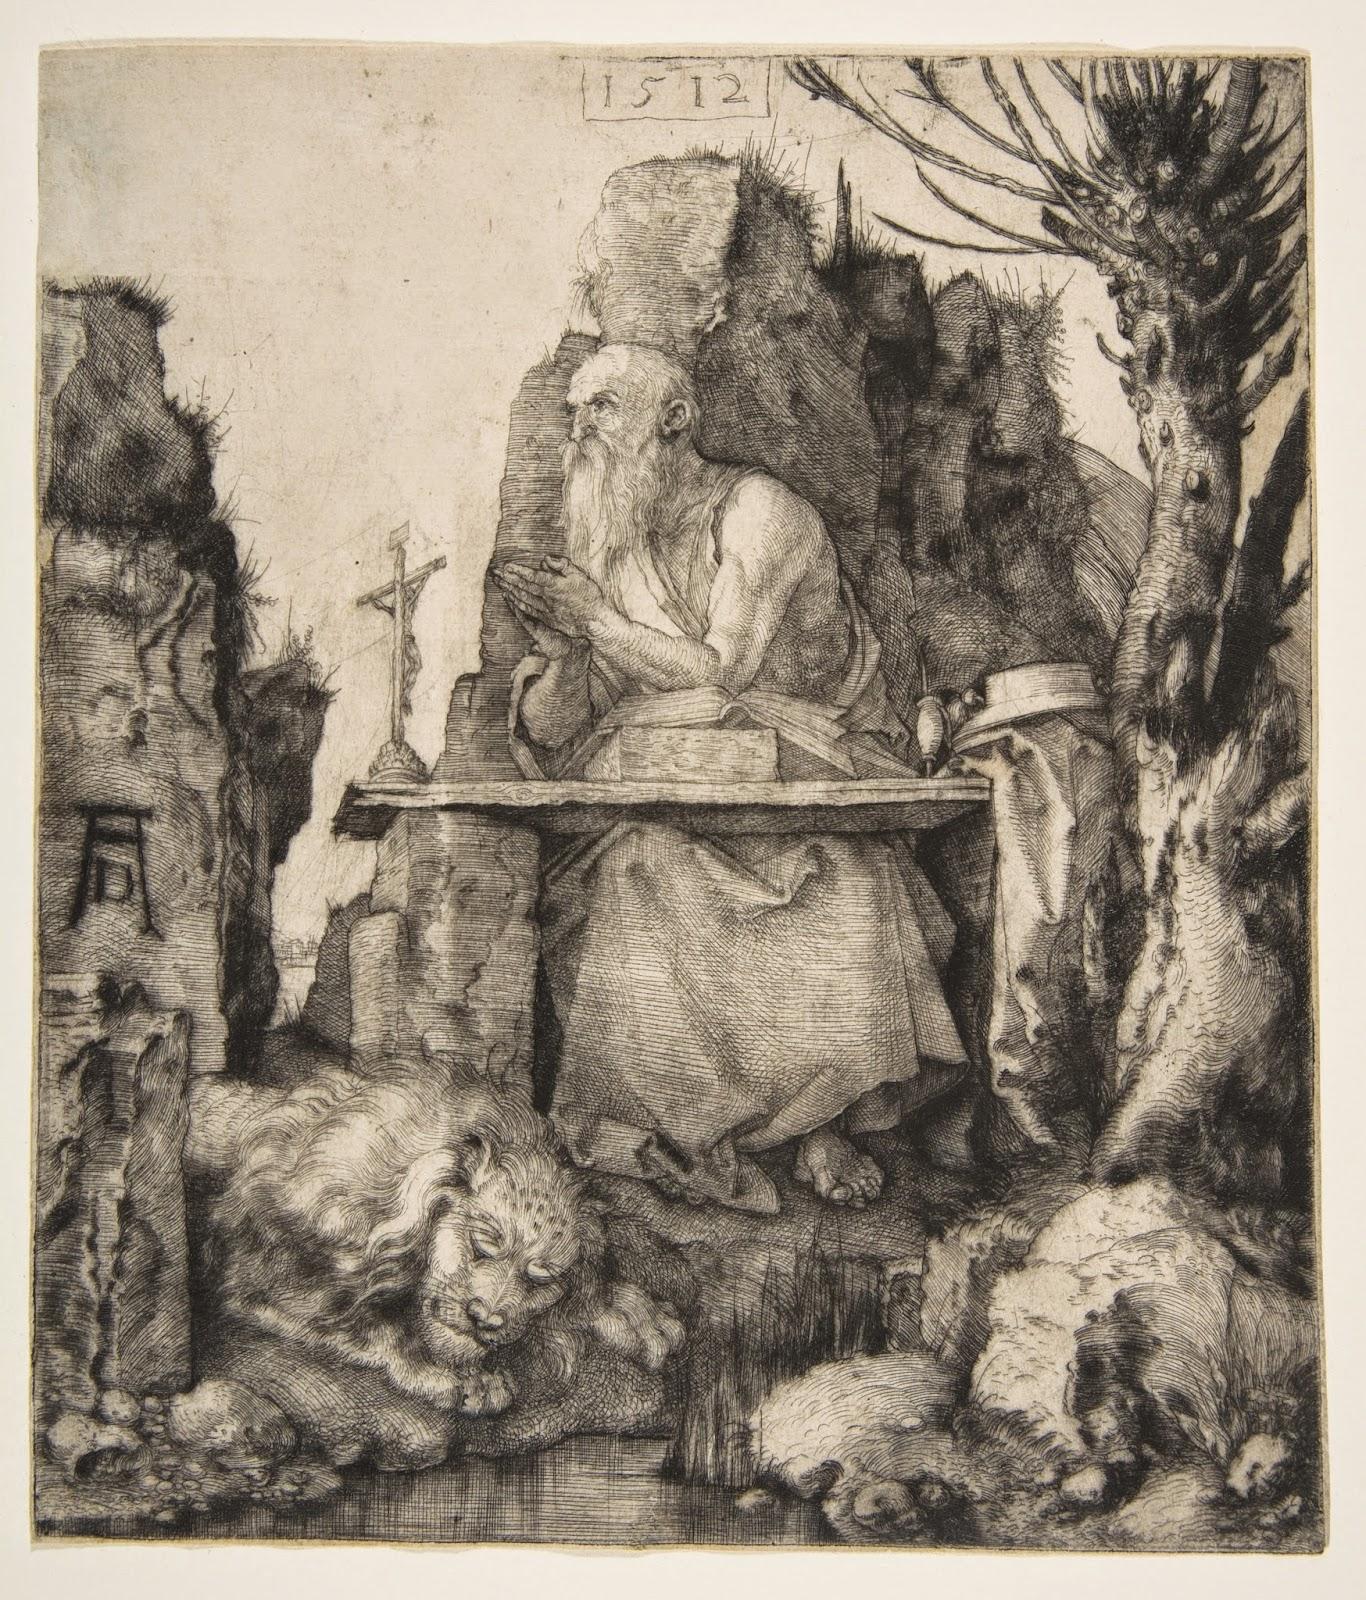 Durer 1512 Saint Jerome pres d'un saule etete